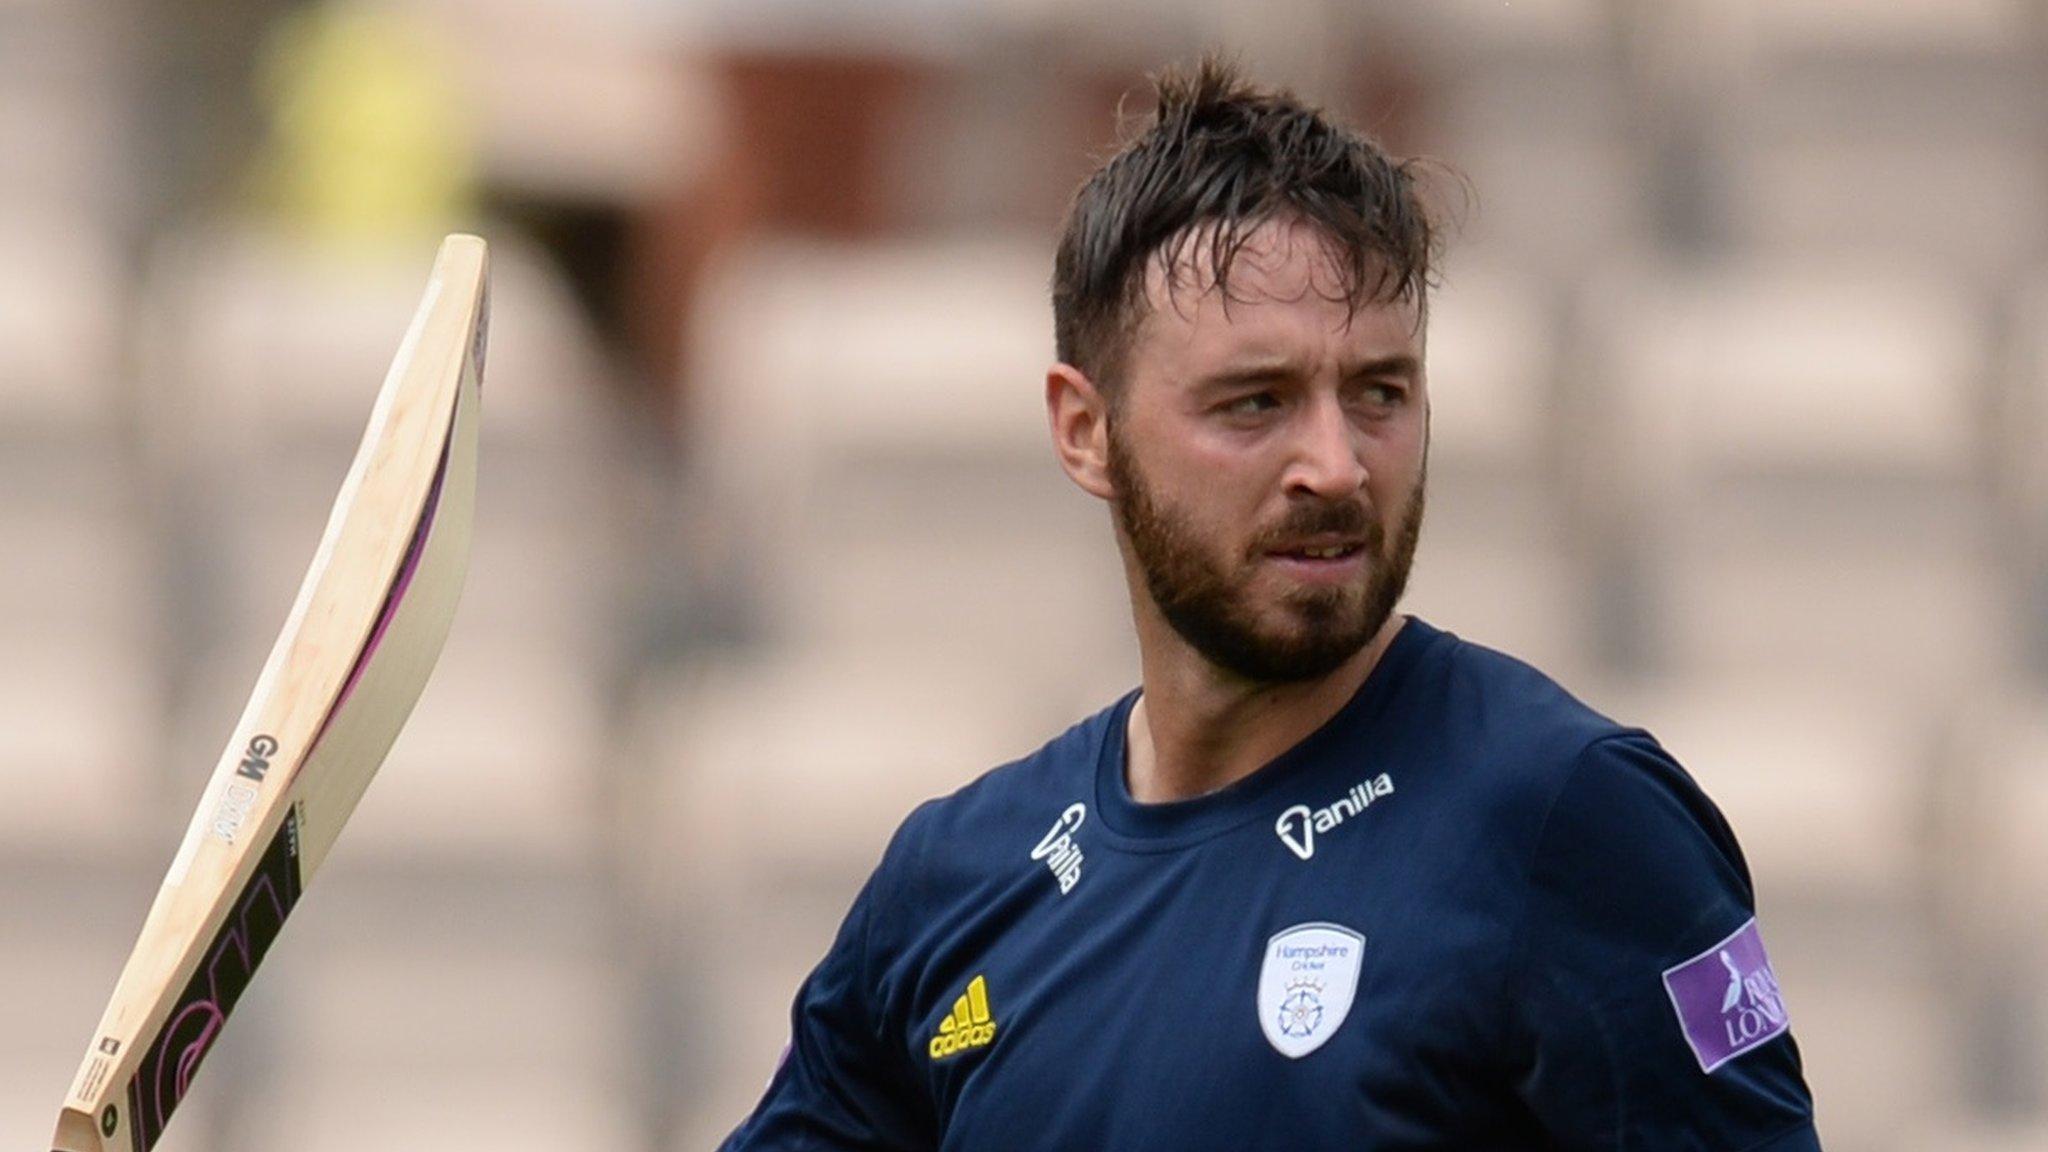 England v India: James Vince called up for deciding ODI